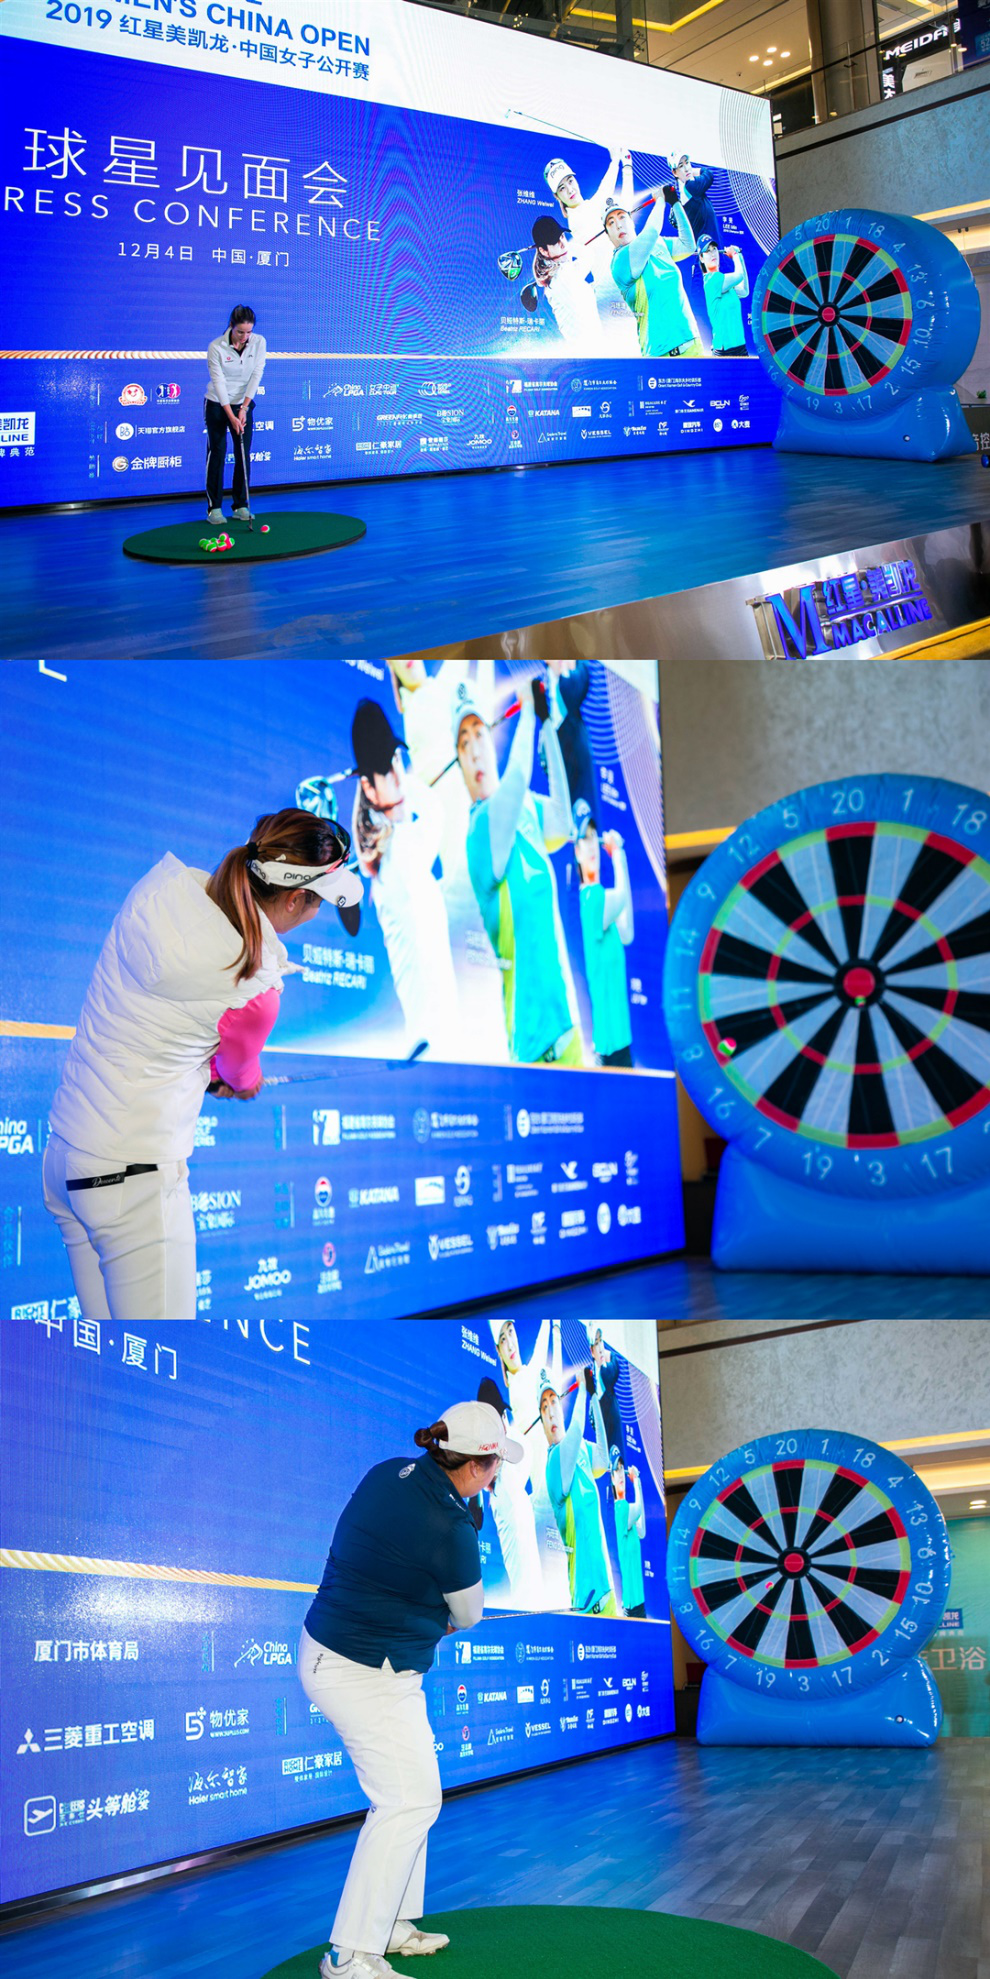 """此次红星美凯龙携手赛事方联合打造的2019红星美凯龙·中国女子公开赛球星见面会,不仅是对家居消费者和高尔夫球迷的回馈,同时也是把家居与世界级体育IP有机结合的一次全新探索与尝试。未来,红星美凯龙将继续深耕家居领域,跨界探索营销合作,让家居的跨界联动产生更多""""聚变""""效应。"""